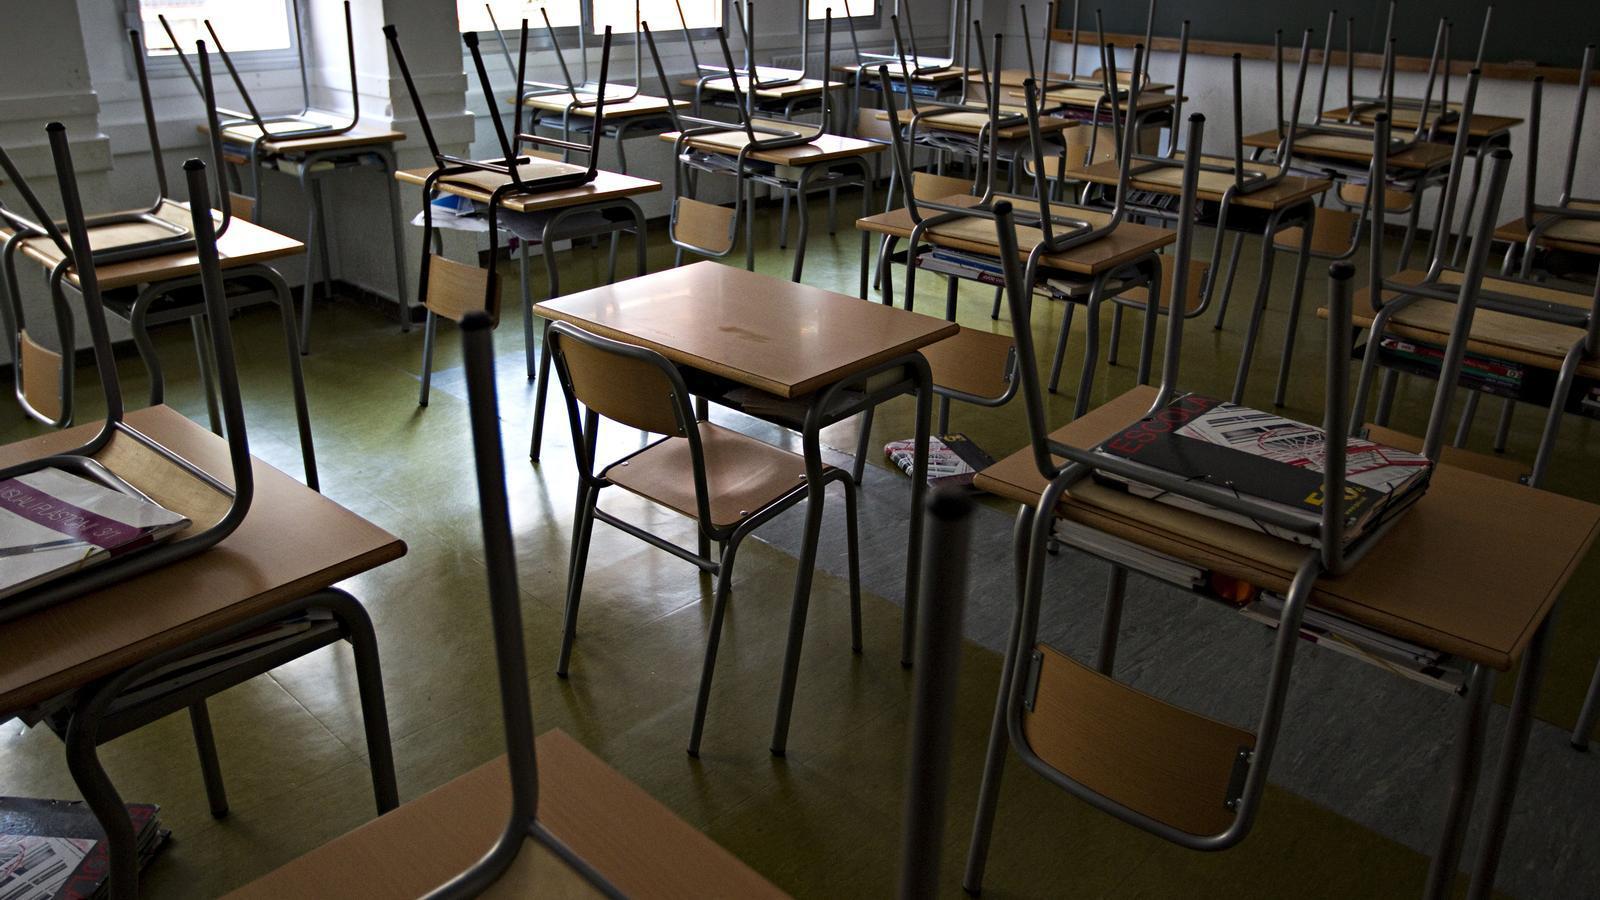 Així serà la reobertura dels centres educatius: aules amb la meitat d'alumnes però no amb el doble de professorat